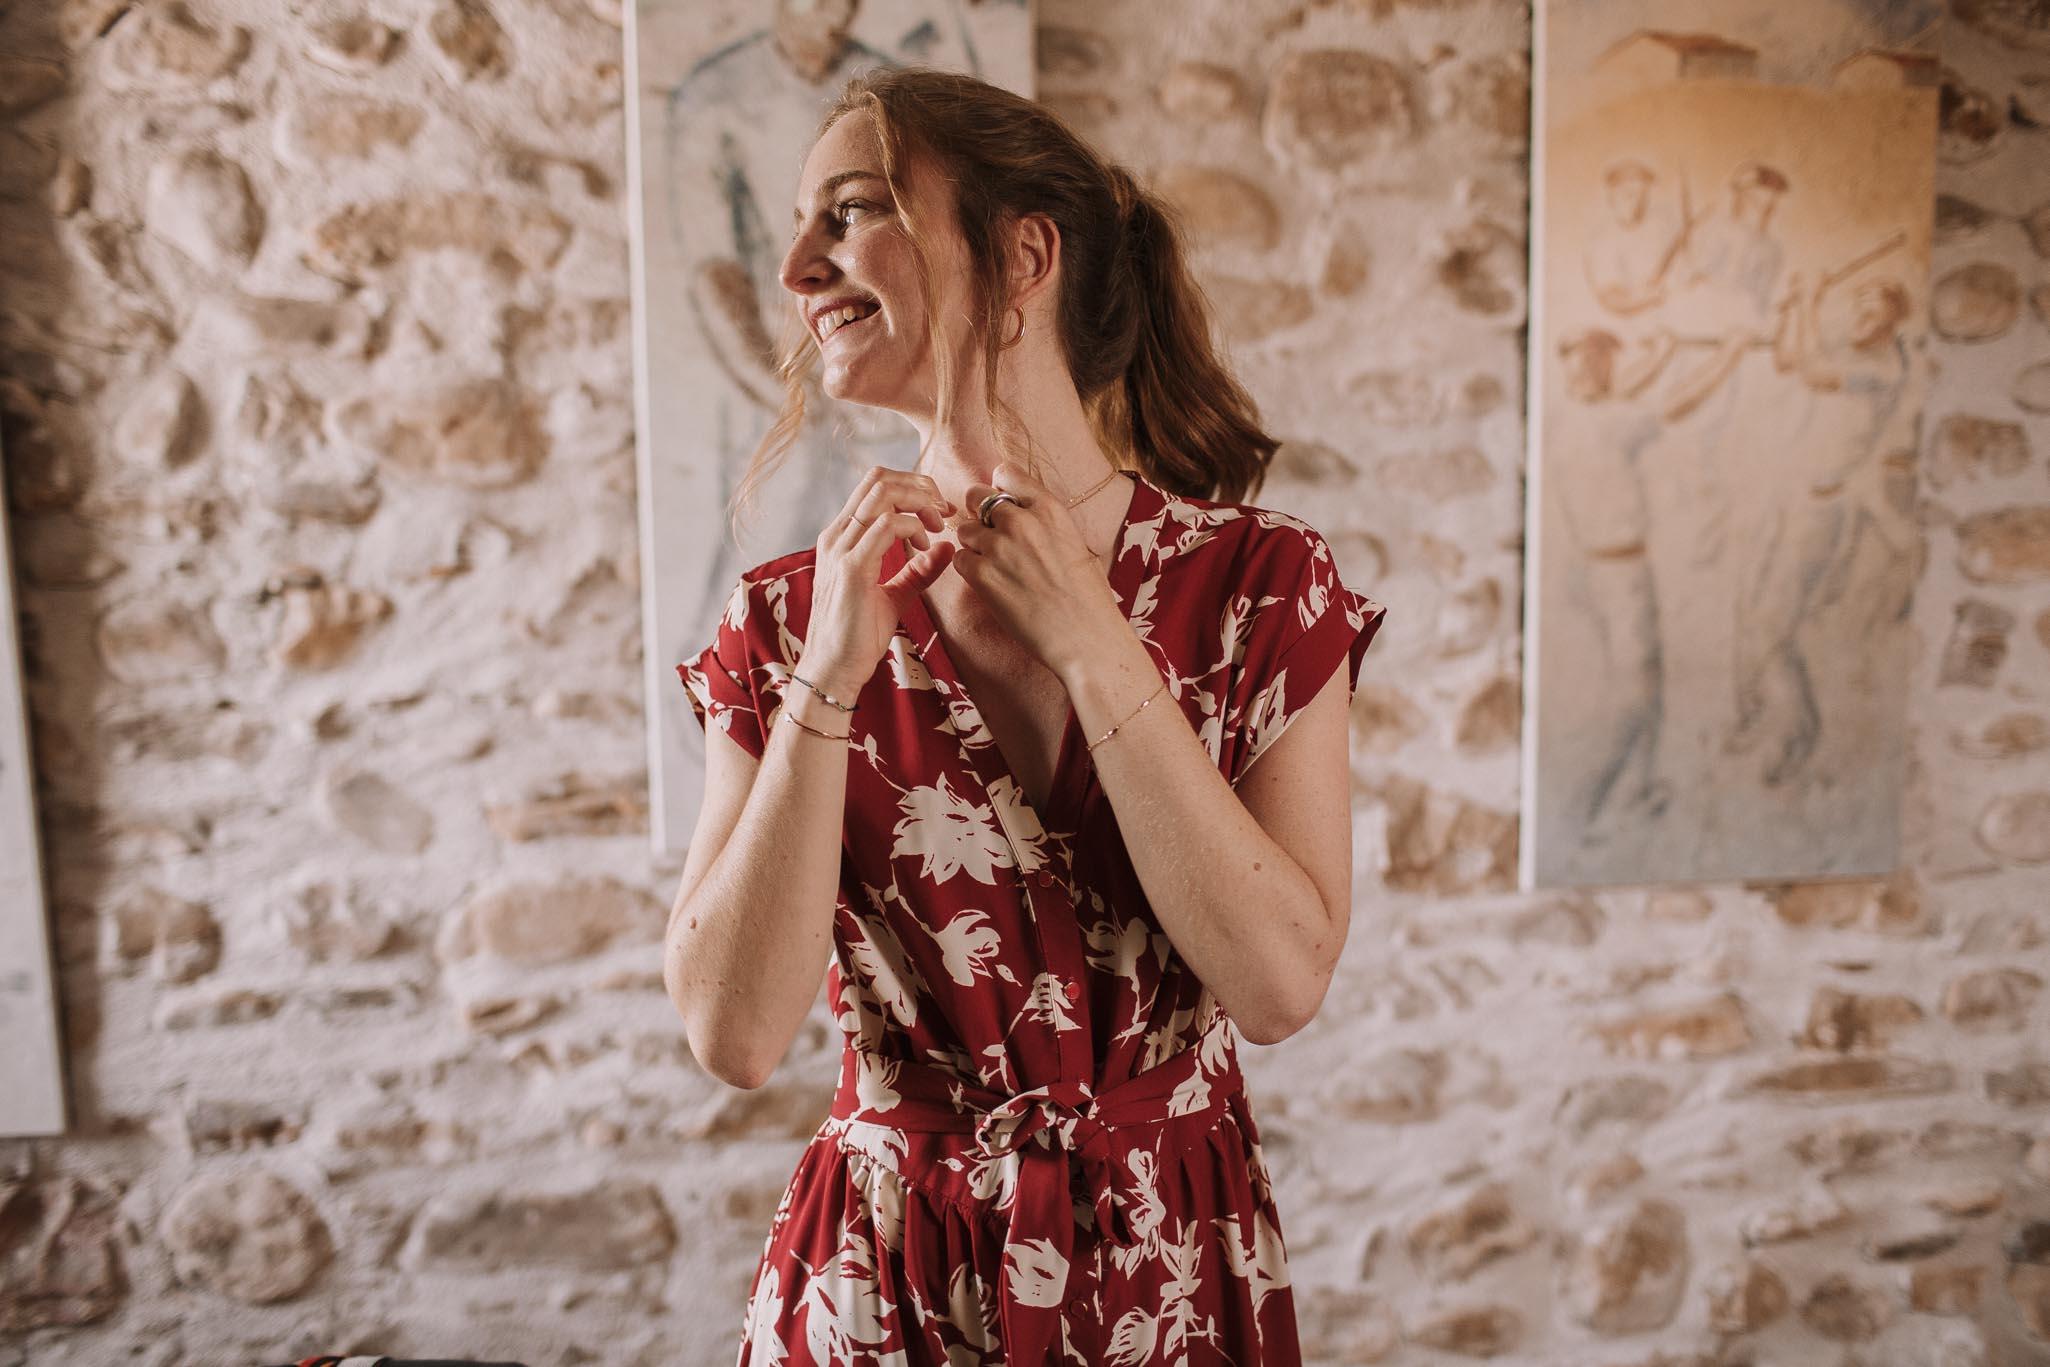 Photographe-mariage-bordeaux-jeremy-boyer-pays-basque-ihartze-artea-sare-robe-eleonore-pauc-couple-amour-37.jpg